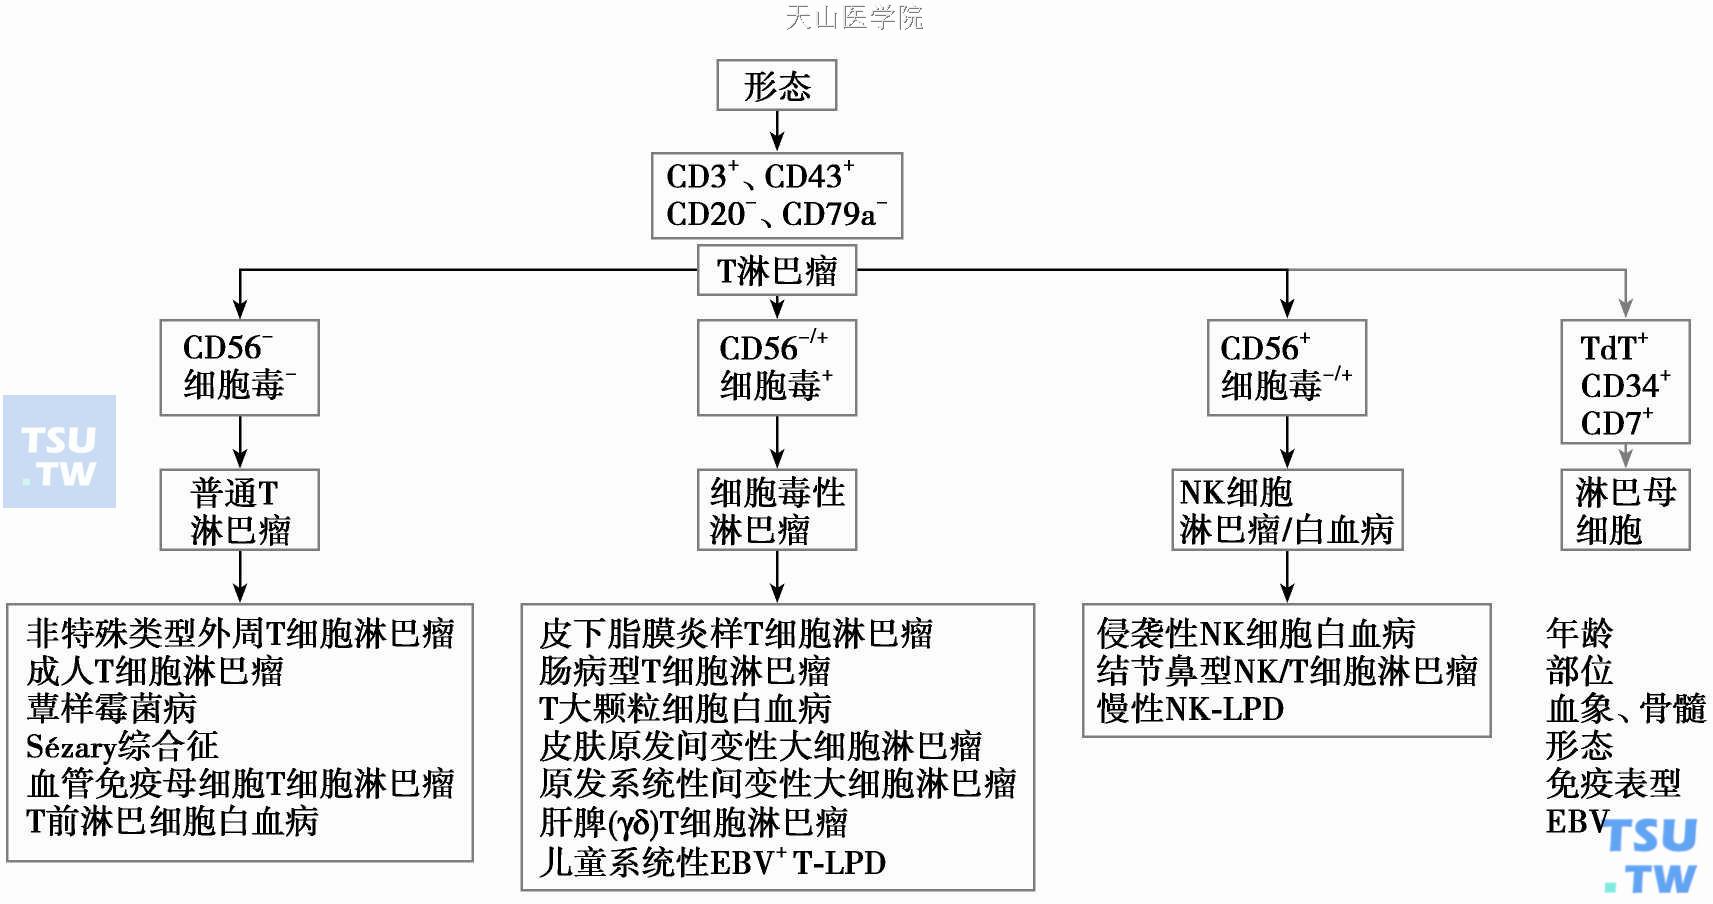 图】T淋巴细胞分化过程及相关淋巴瘤- 血液病学- 天山医学院